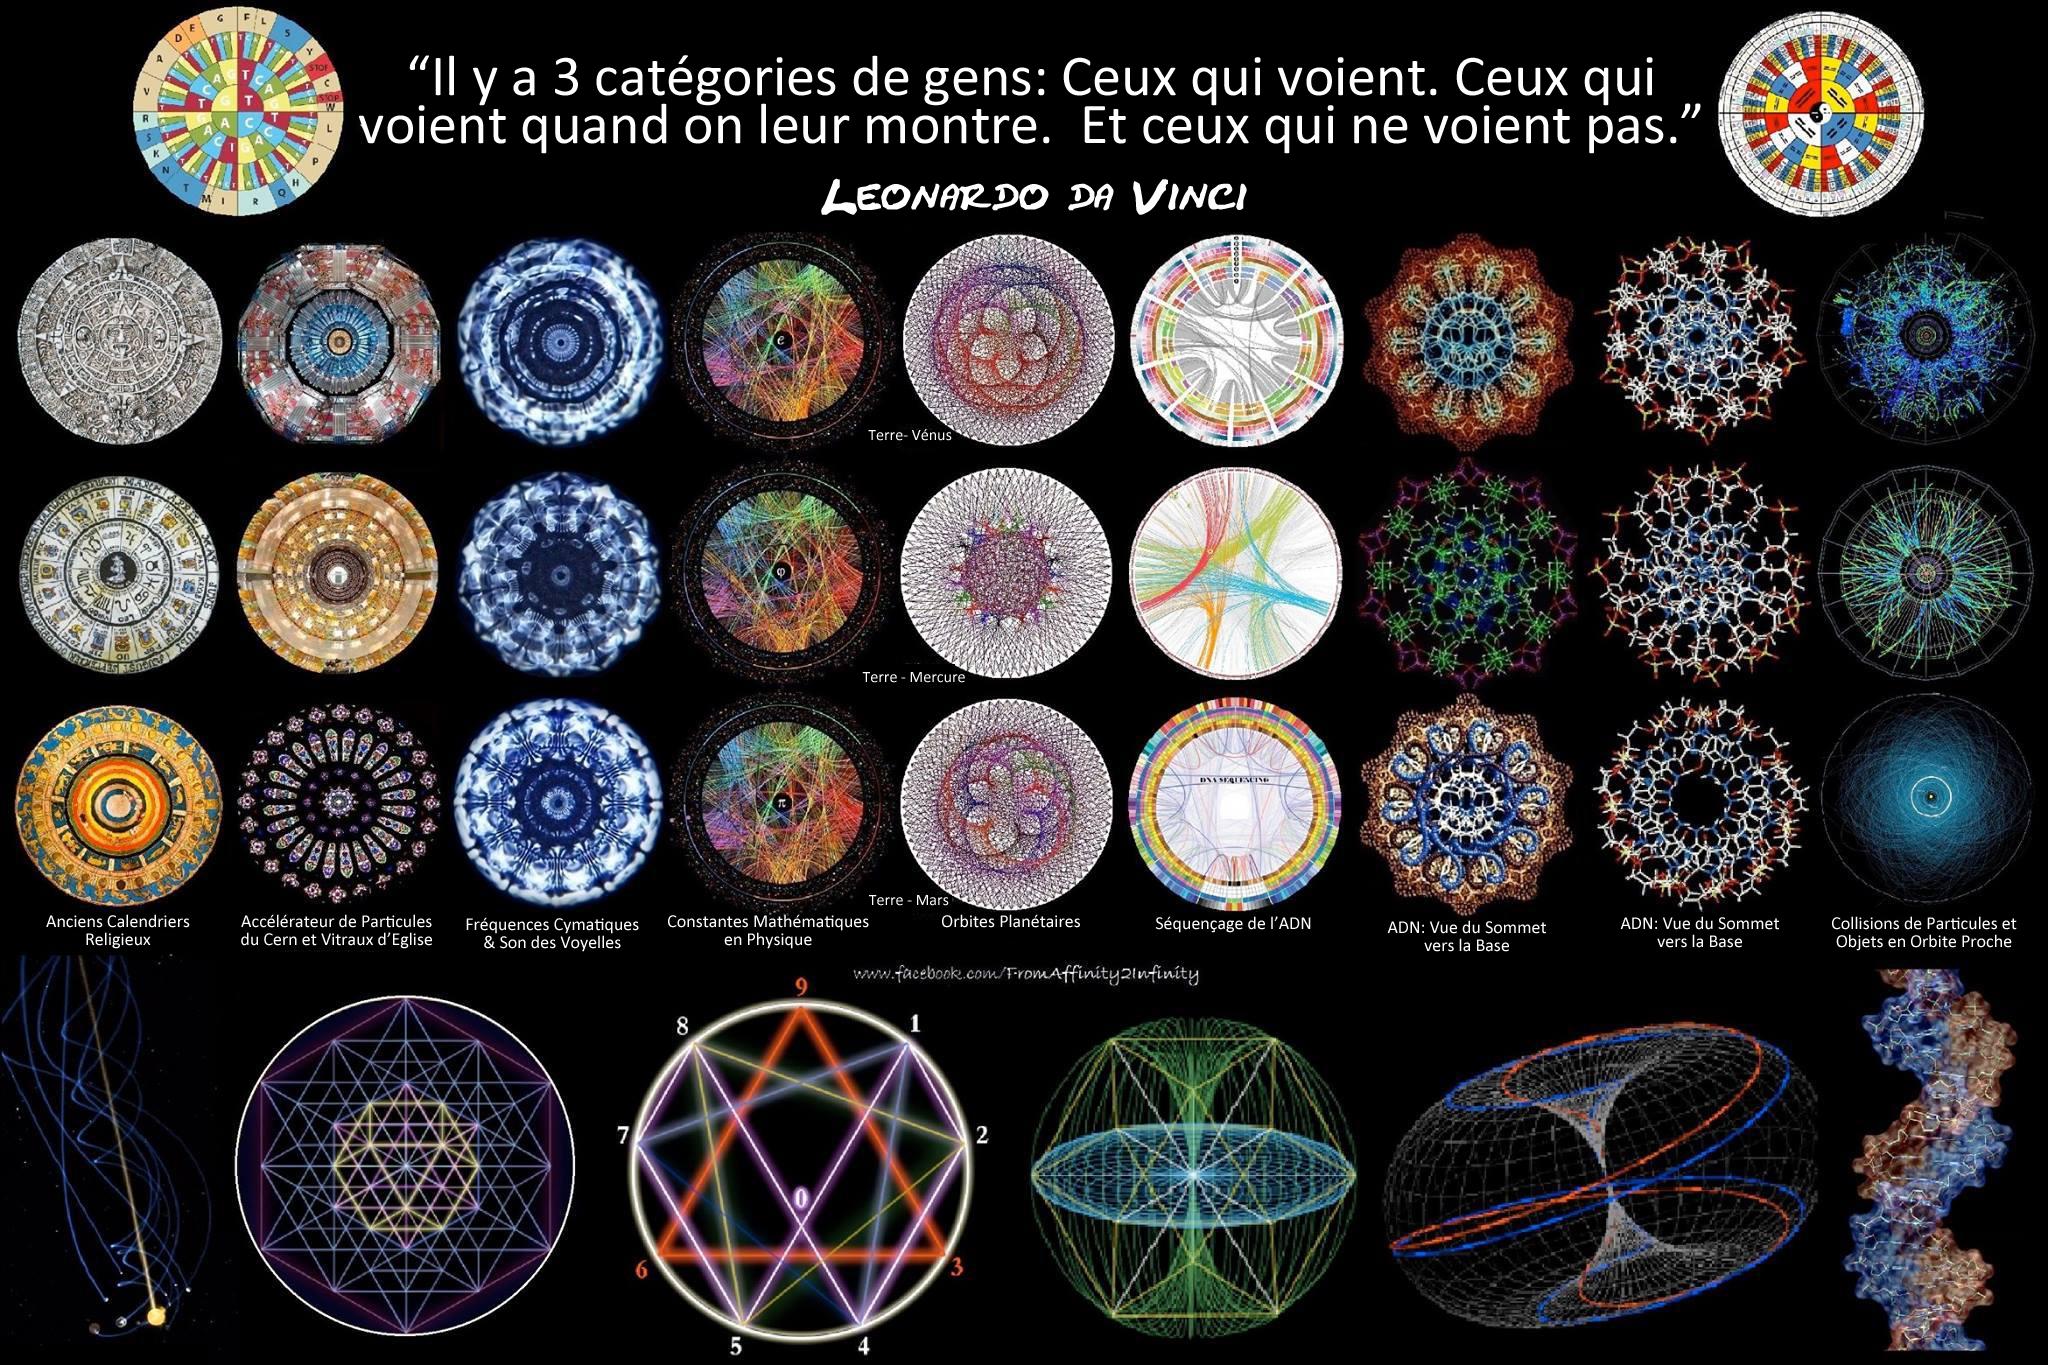 Il apparaît des schémas similaires au sein des systèmes auto-organisés basés sur la fréquence, la vibration, le son et la géométrie. https://www.facebook.com/TheResonanceProject.FR